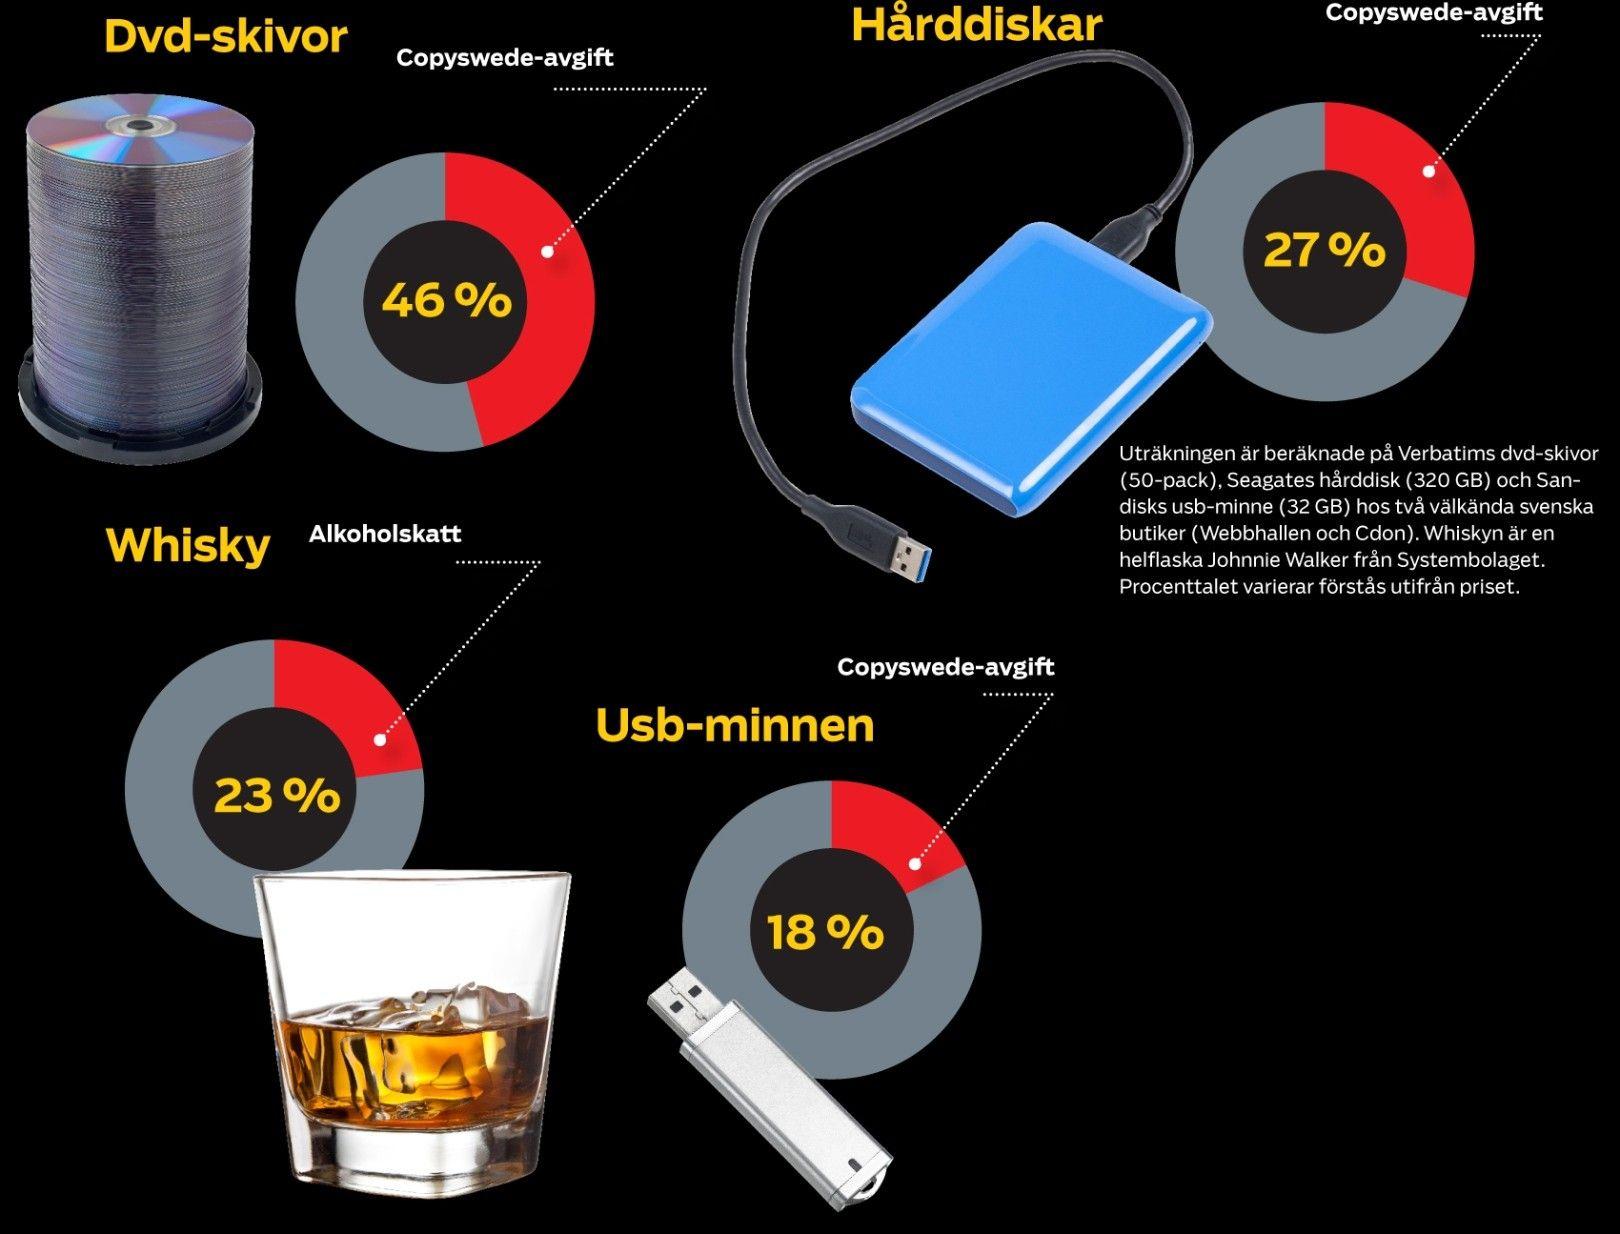 8 av 10  Slopa Copyswedes tvångsavgift på hårddiskar! - PC för Alla 718eec47503af